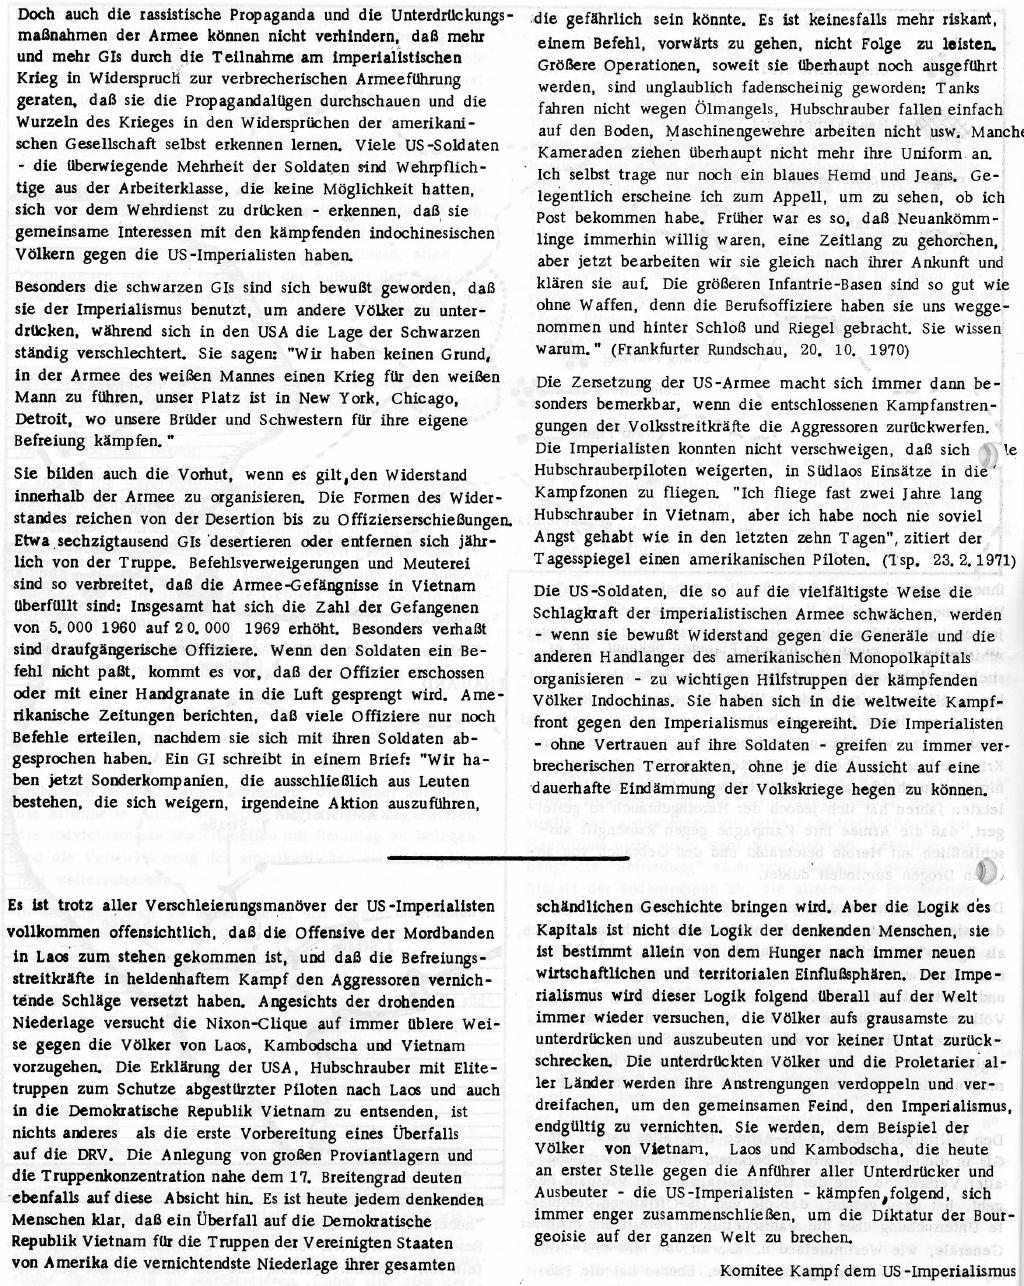 RPK_1971_105_04